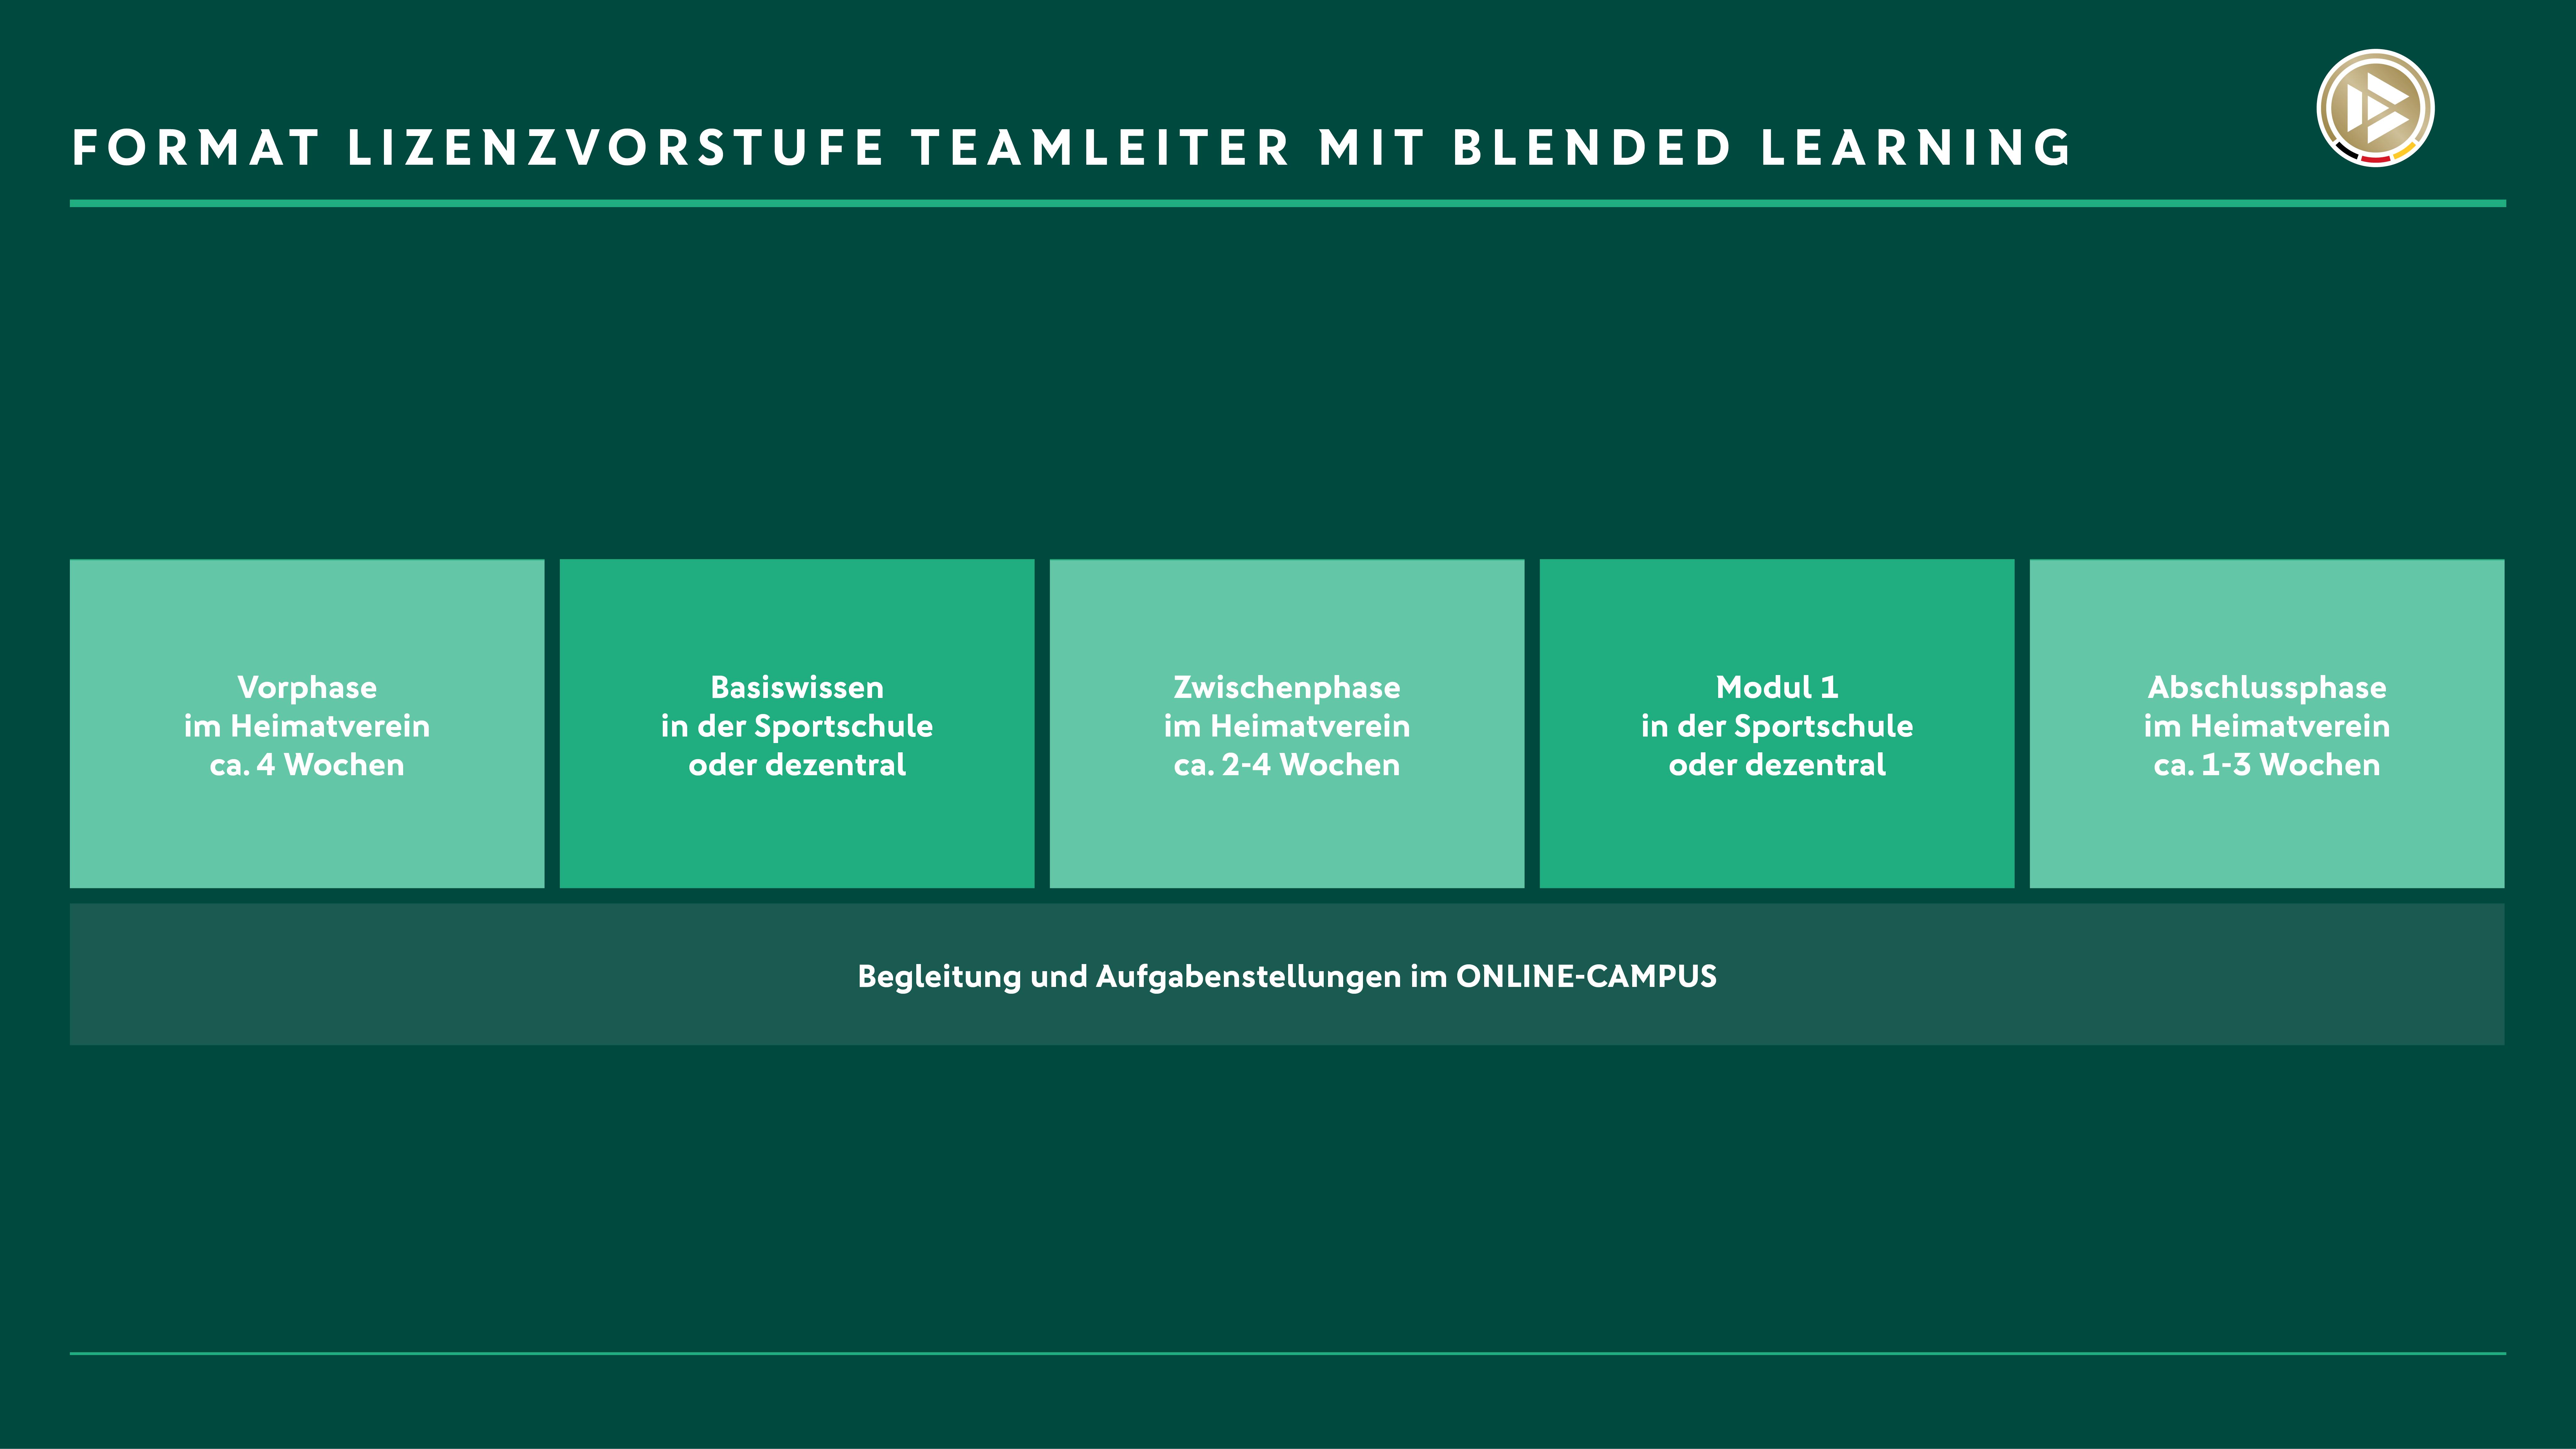 Darstellung der Organisation der Lizenzvorstufe Teamleiter mit Blended Learning, den einzelnen Phasen der Lizenzausbildung und ihrer Dauer.